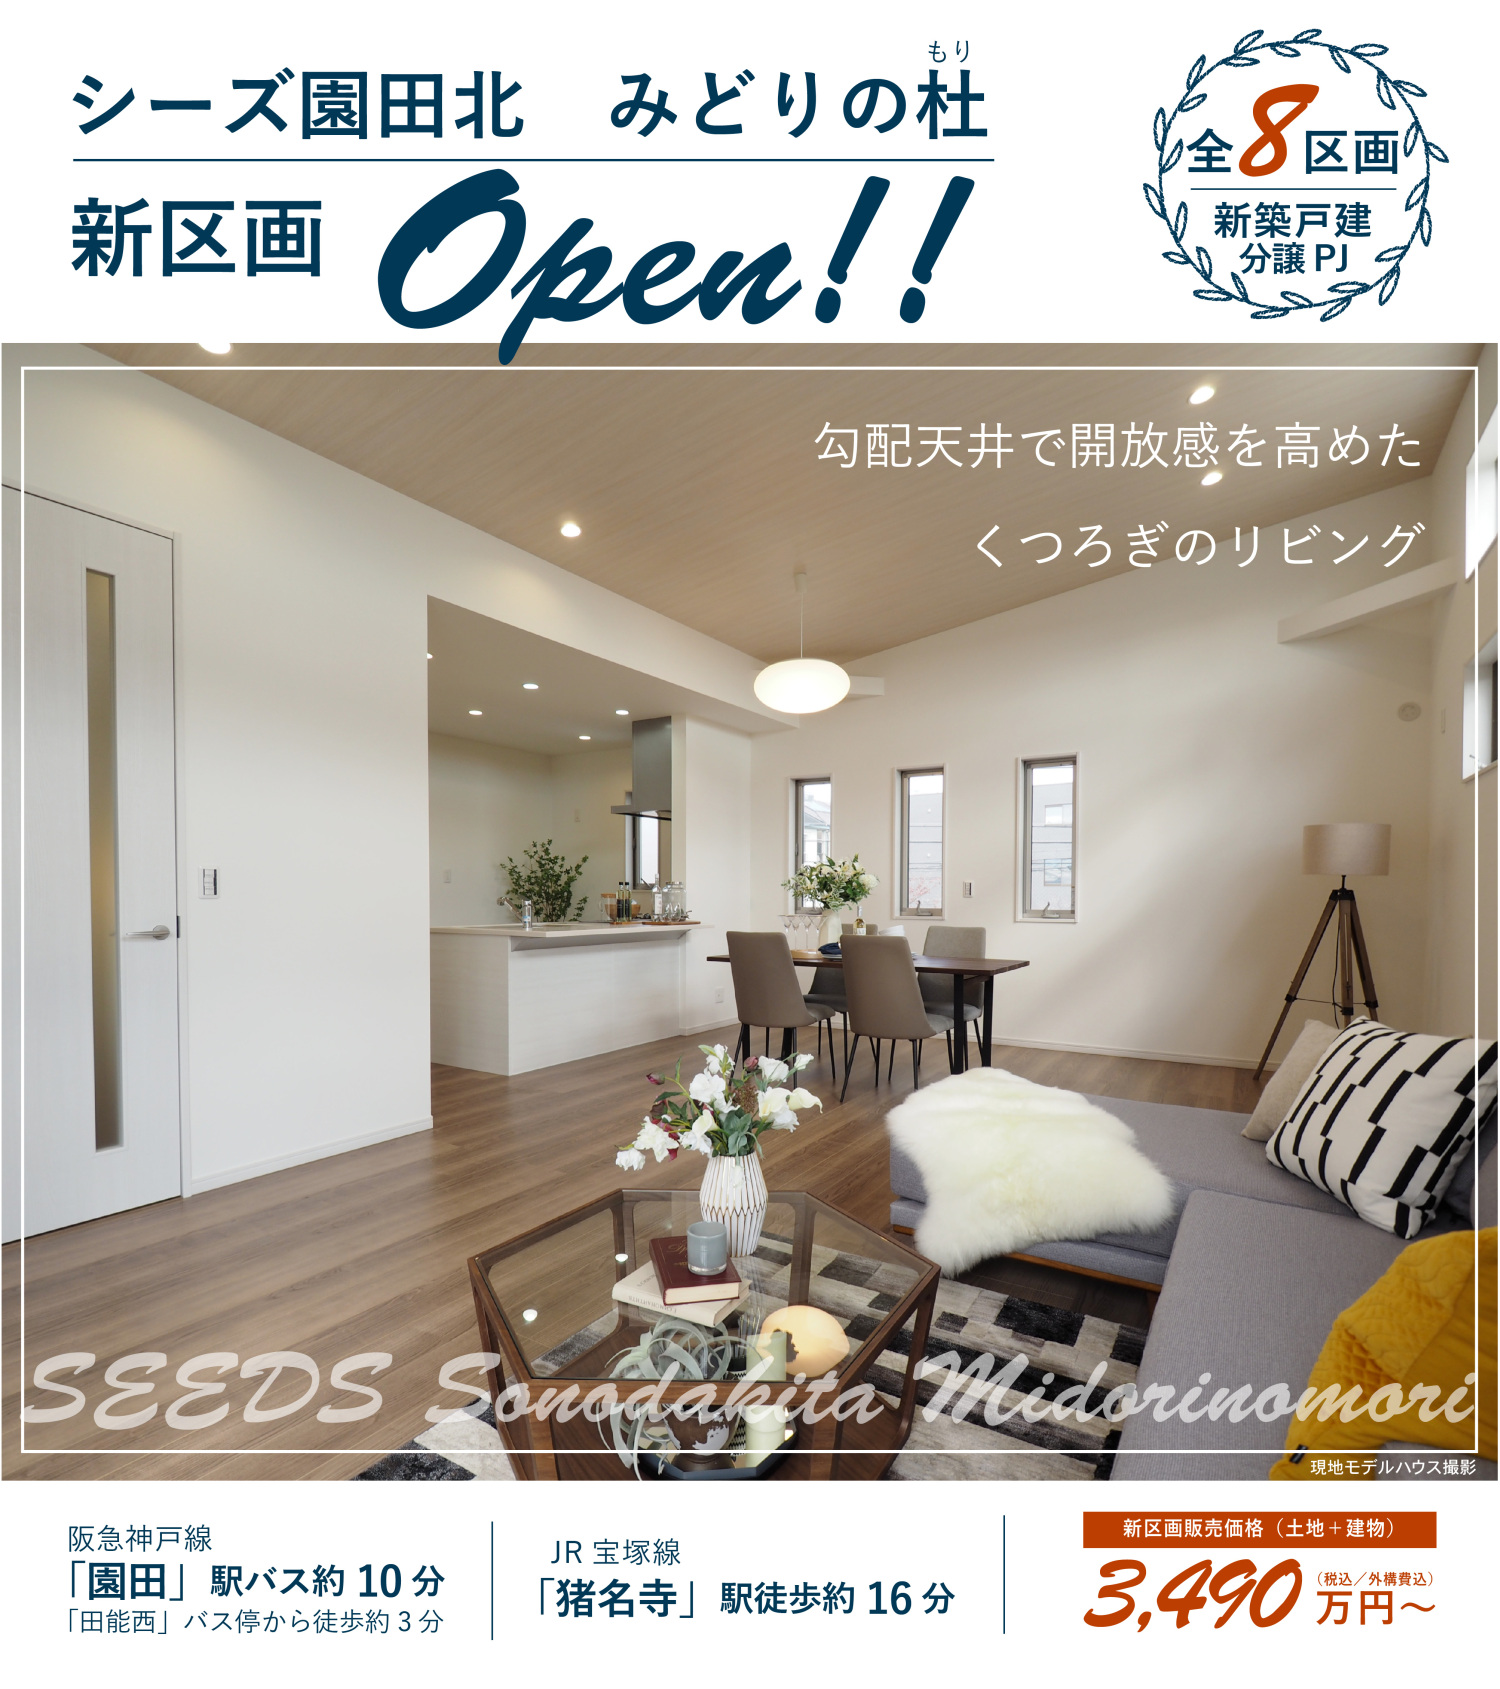 トップ_メインビジュアル(5号地モデルハウス、新区画オープン)